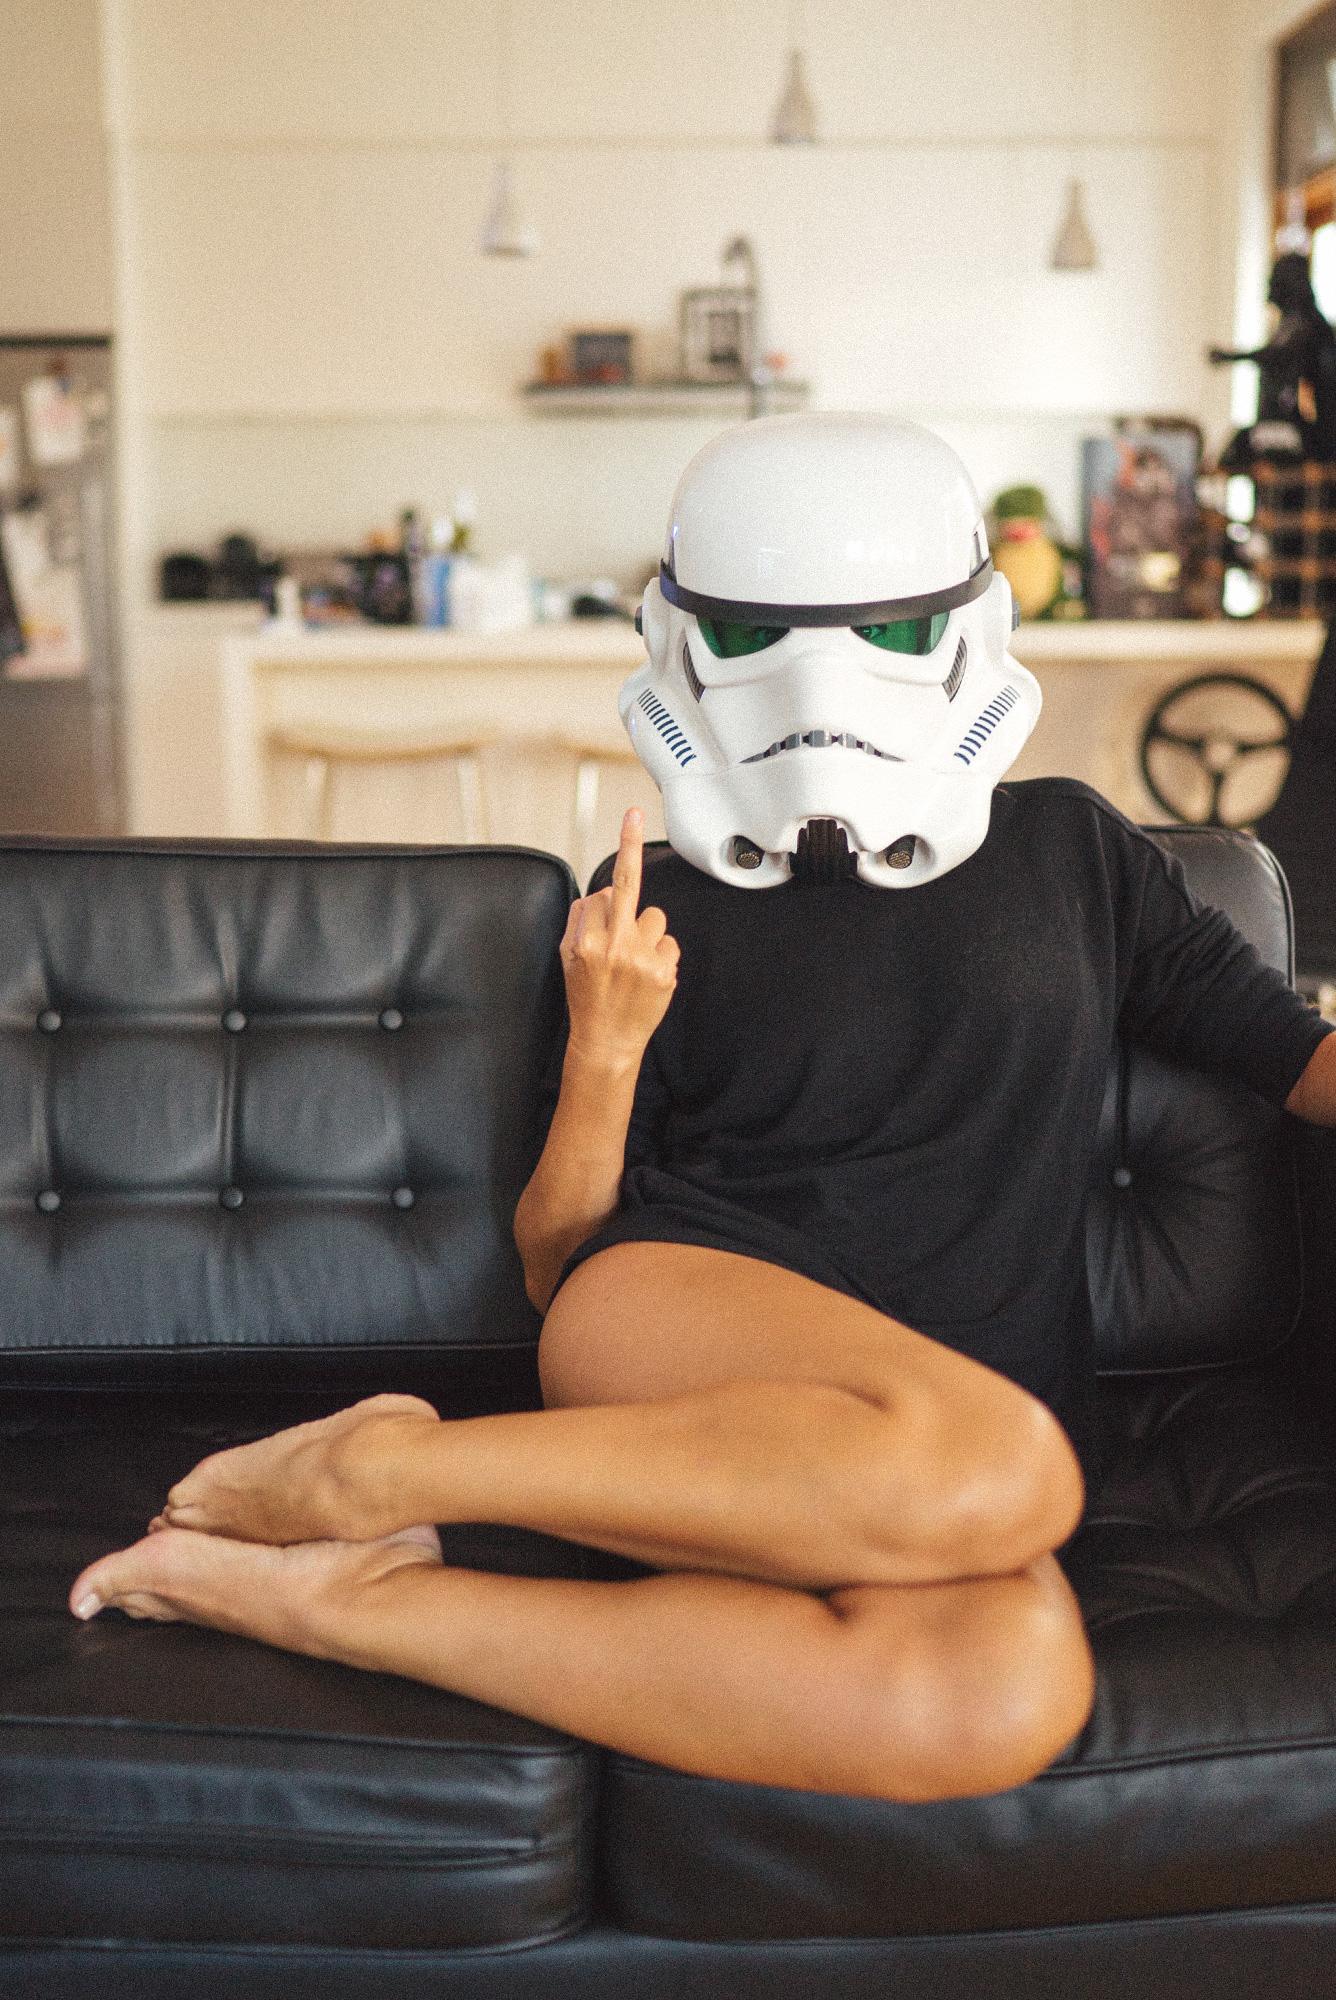 stormtroopernanami1